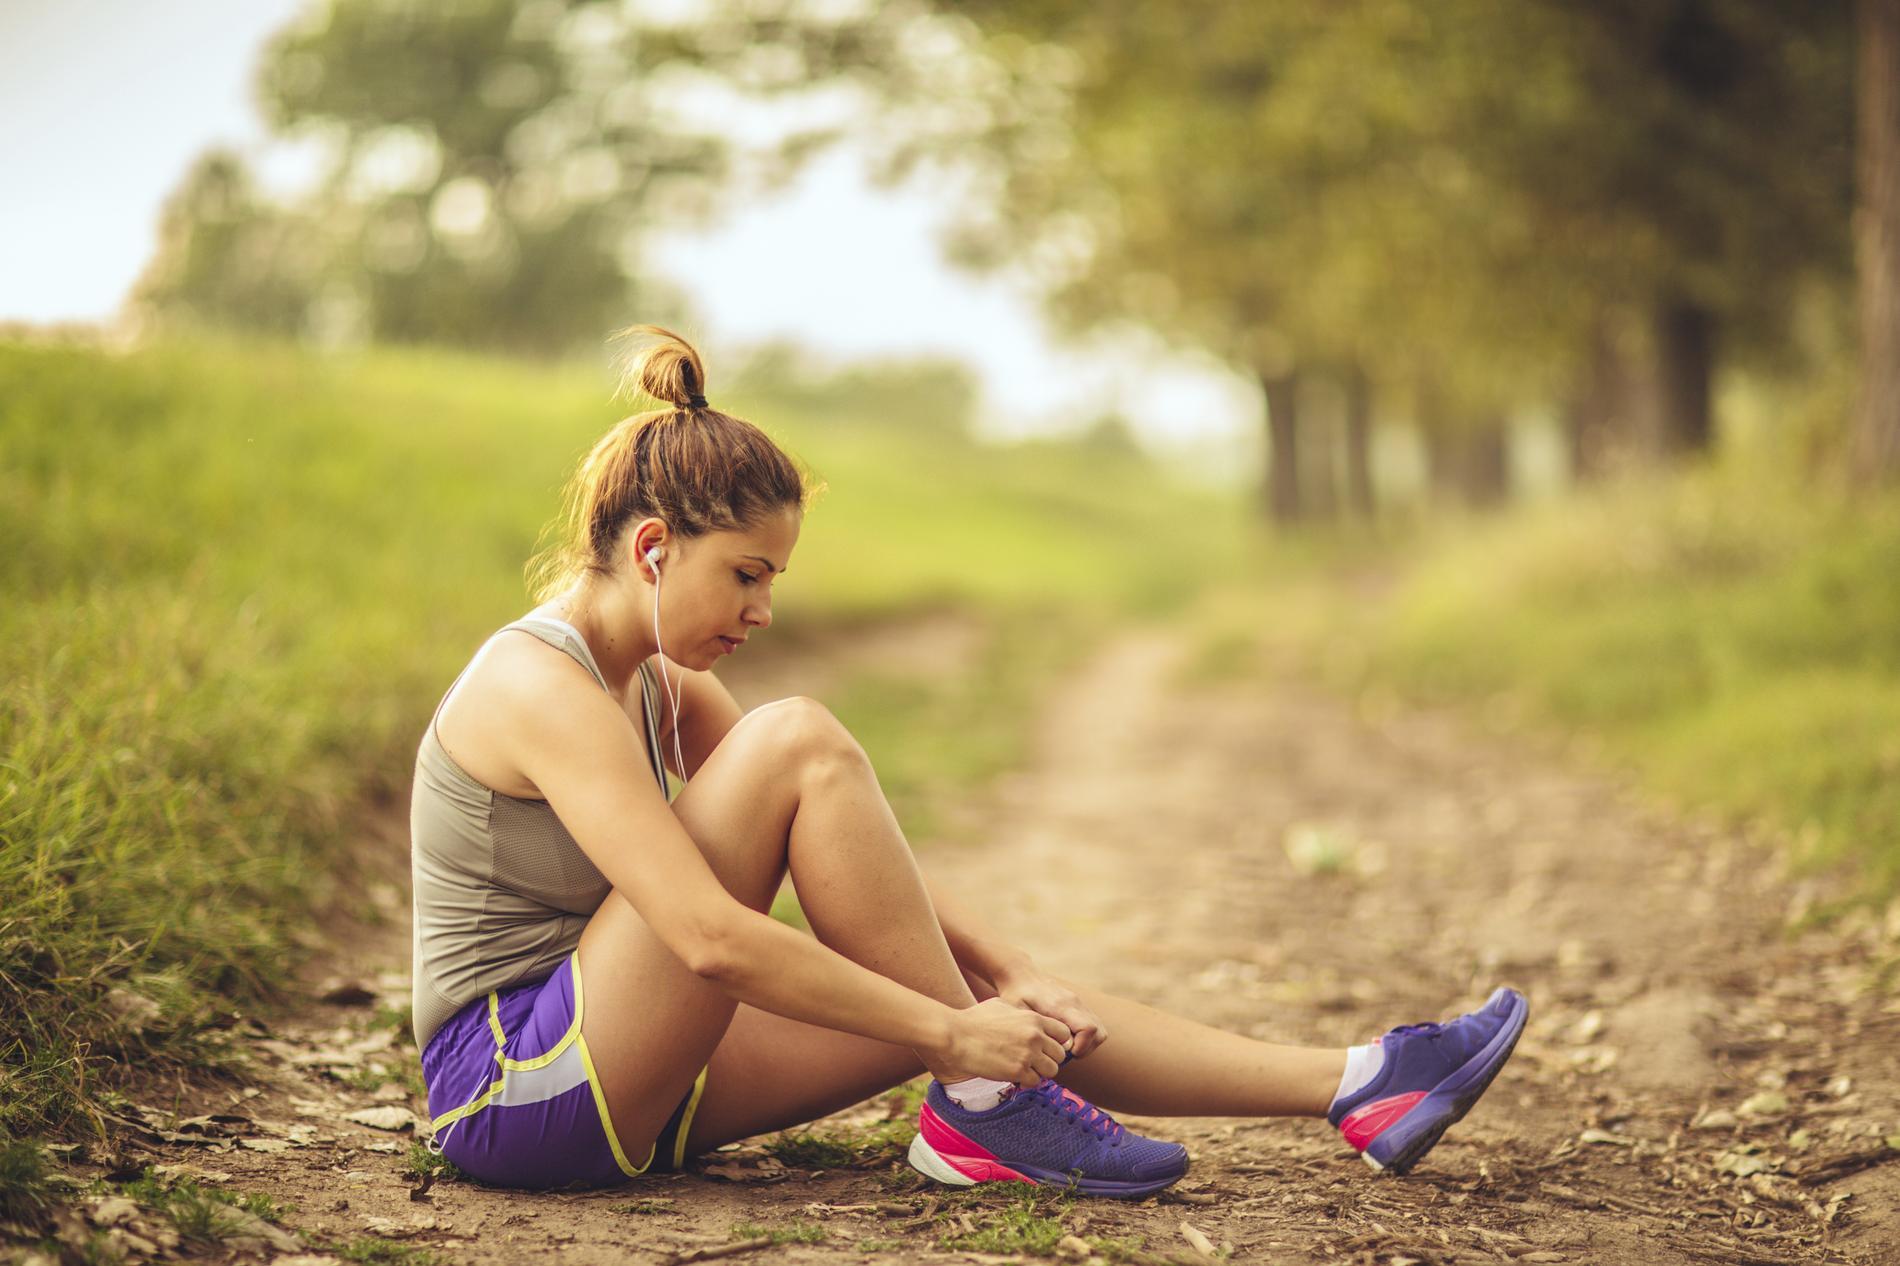 le fait de sauter réduit la graisse du ventre